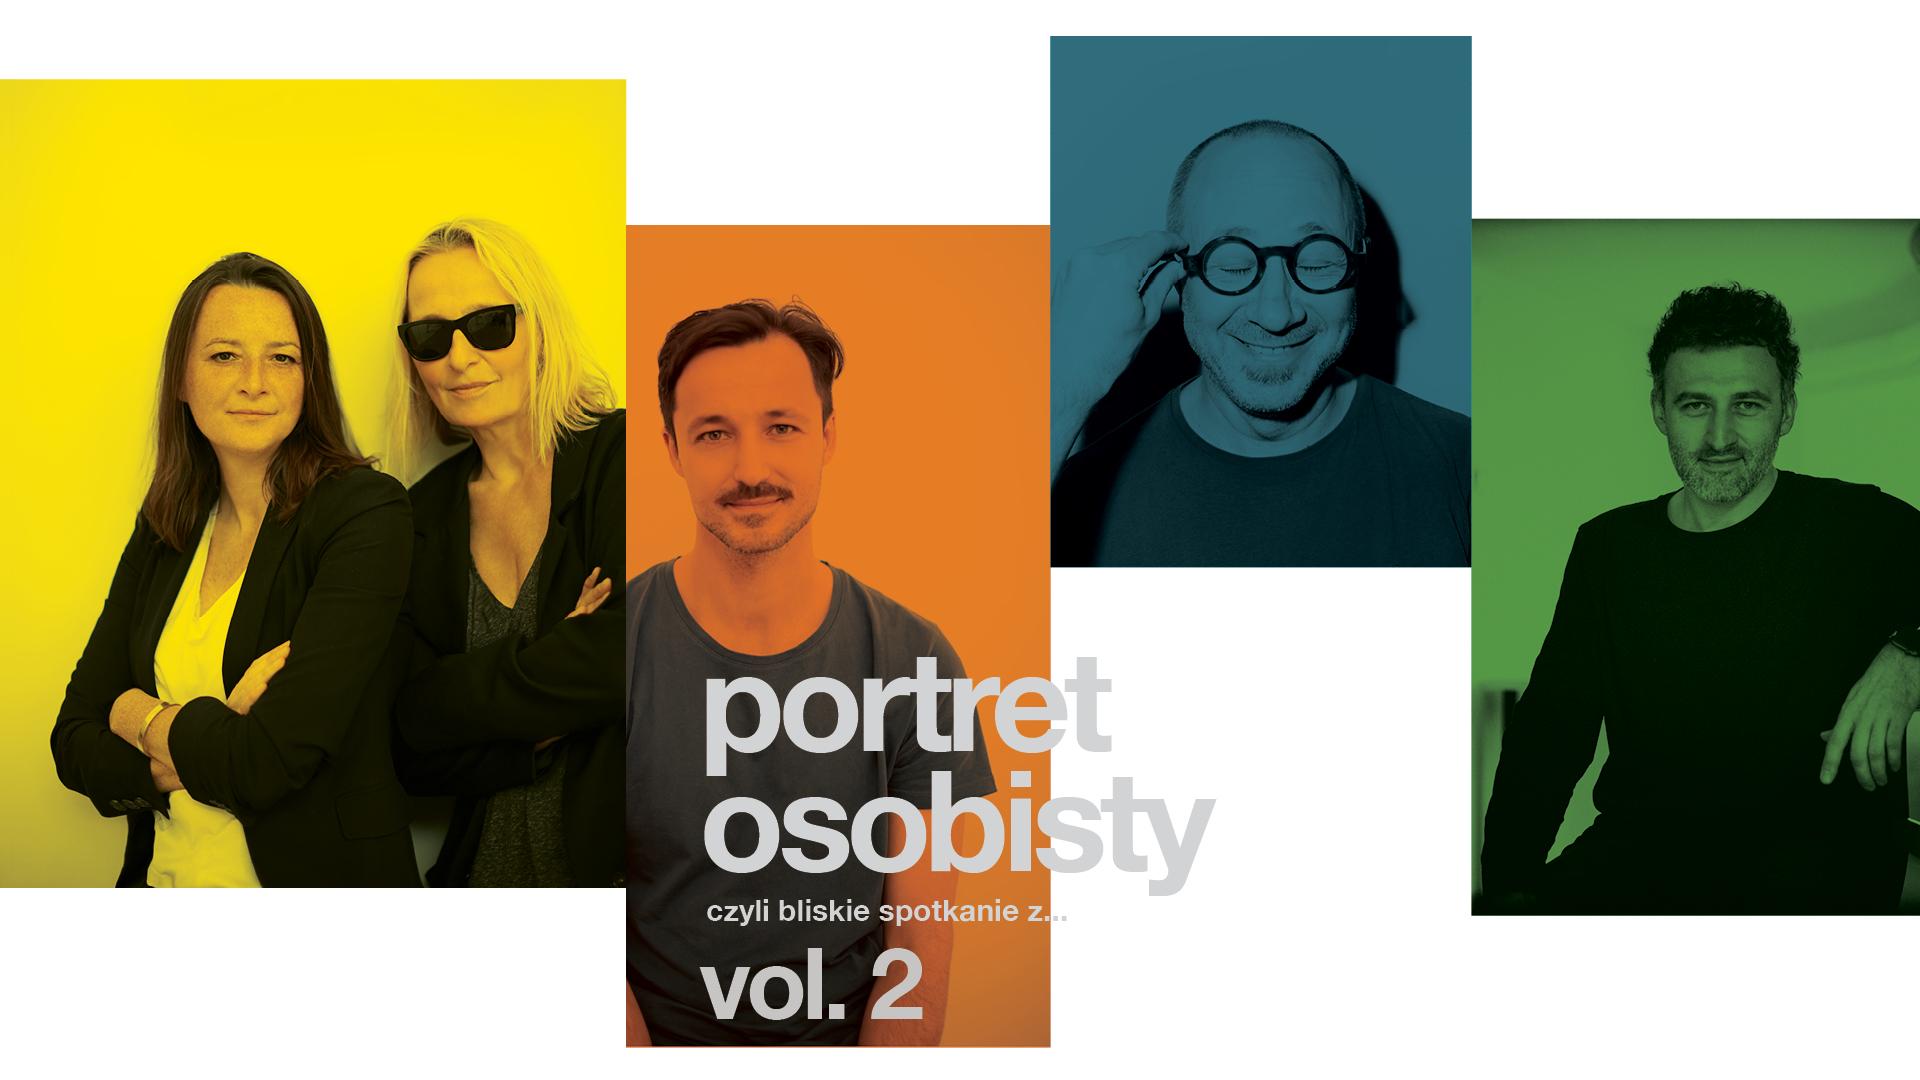 """""""Portret osobisty vol. 2"""" (źródło: materiały prasowe organizatora)"""